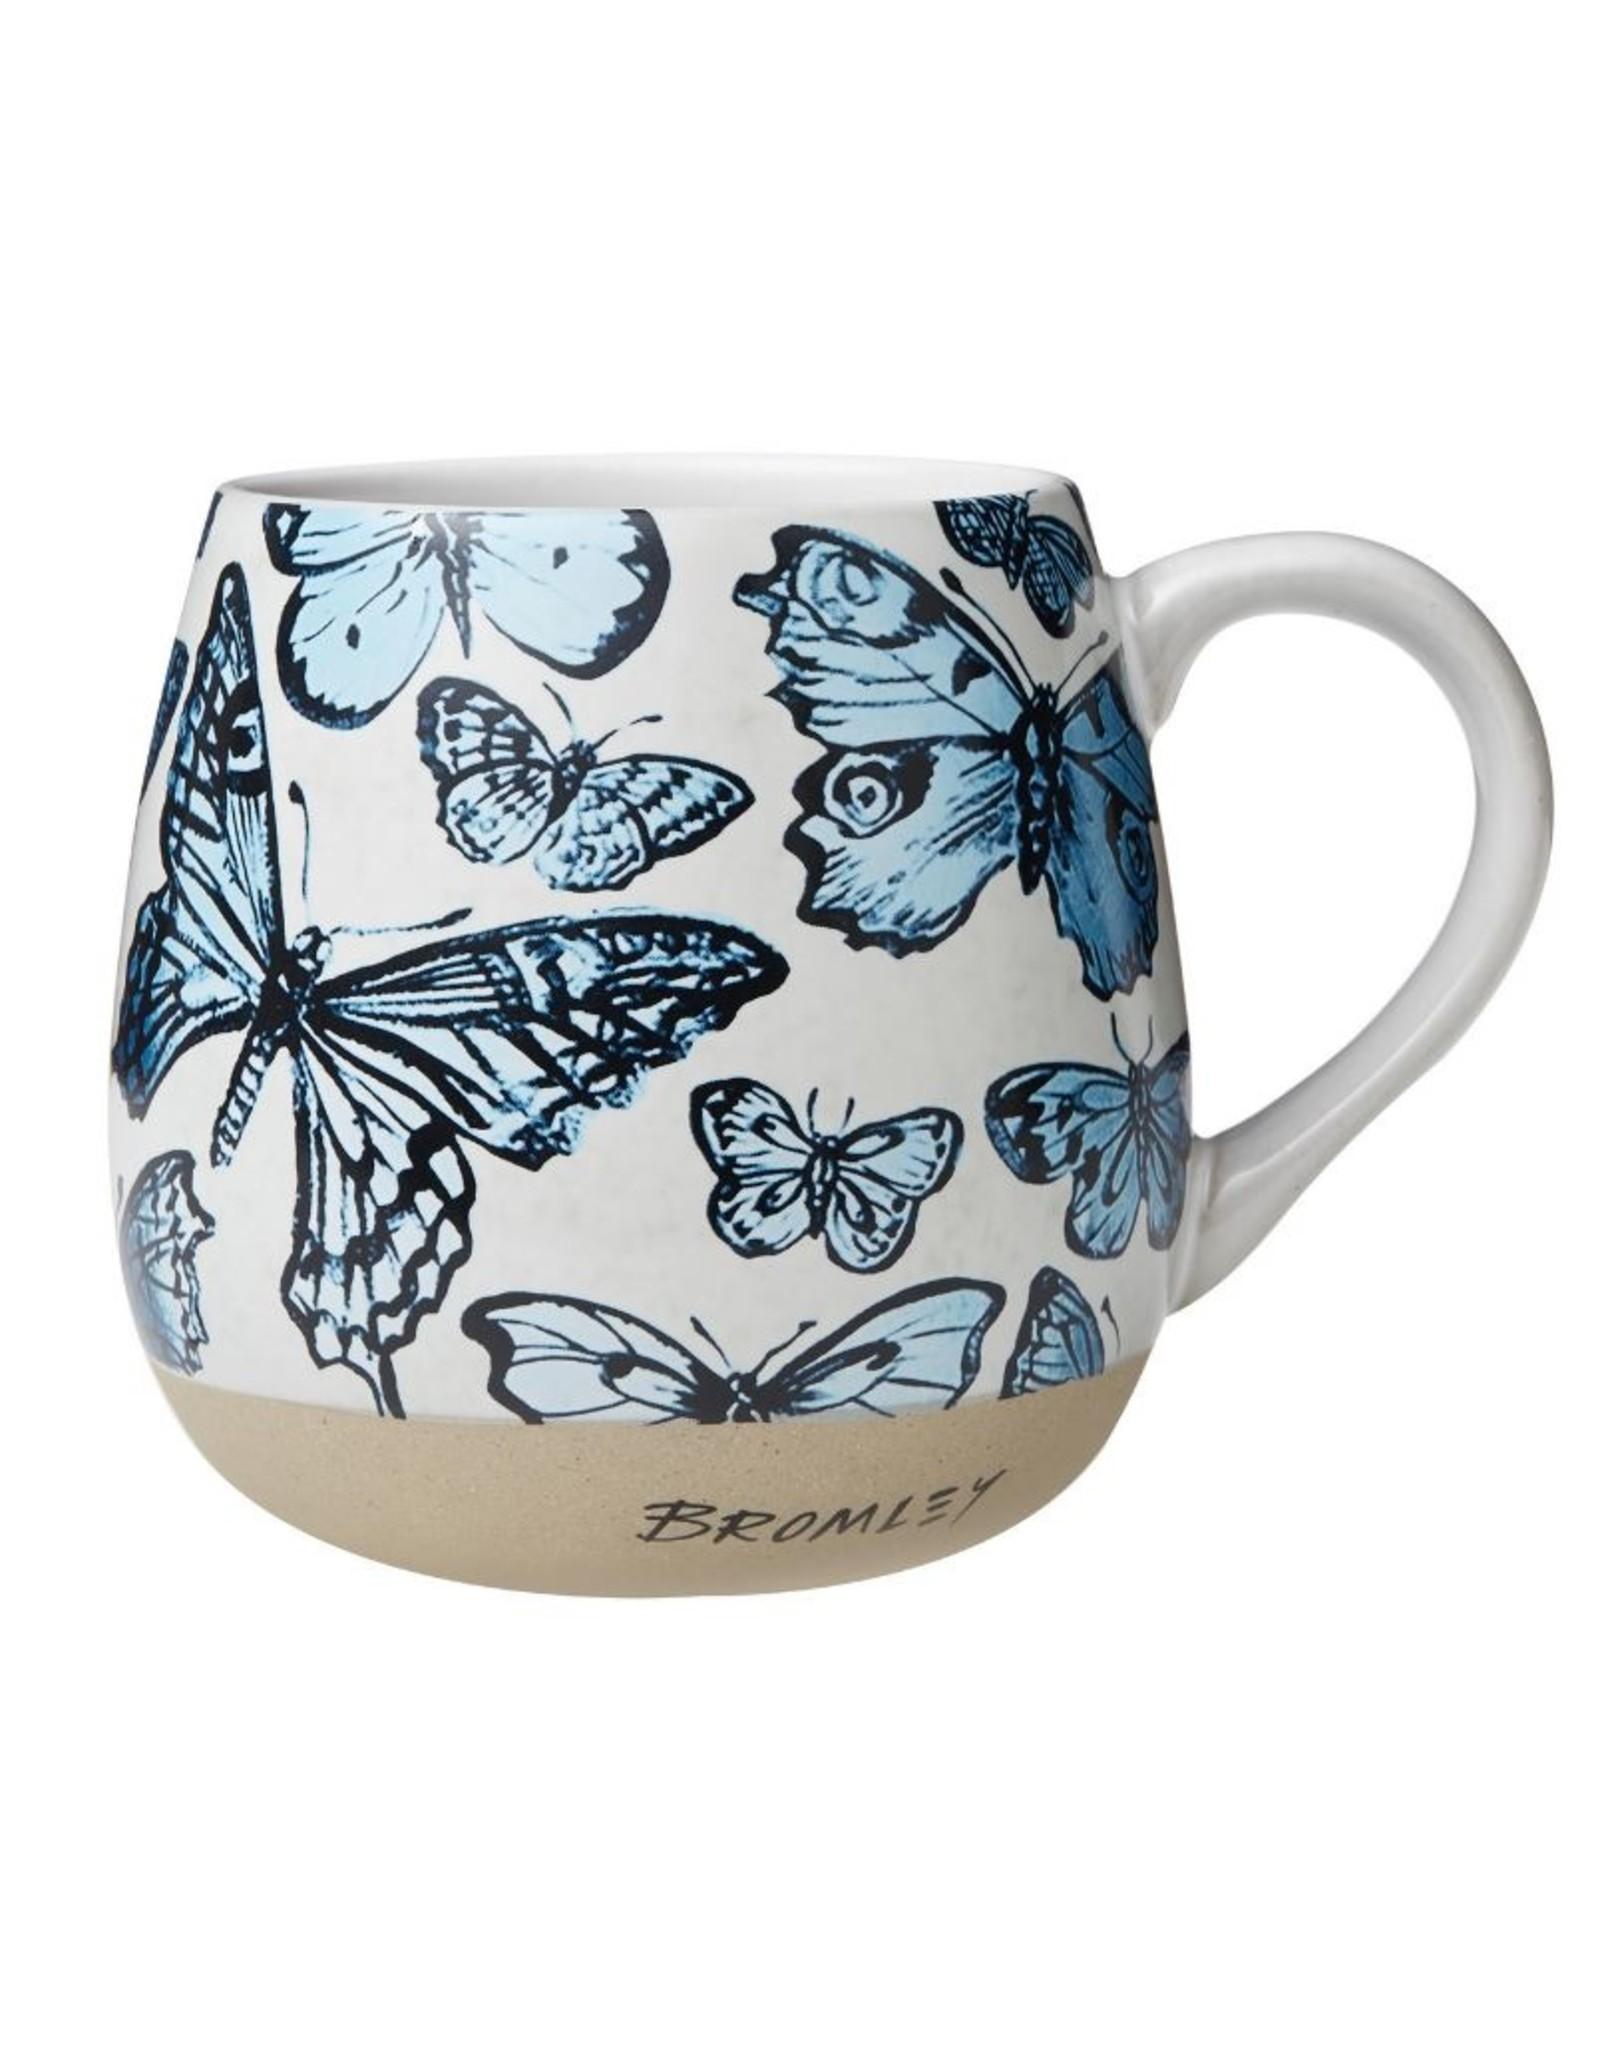 Robert Gordon Robert Gordon Bromley Hug Me Mug Blue Butterflies